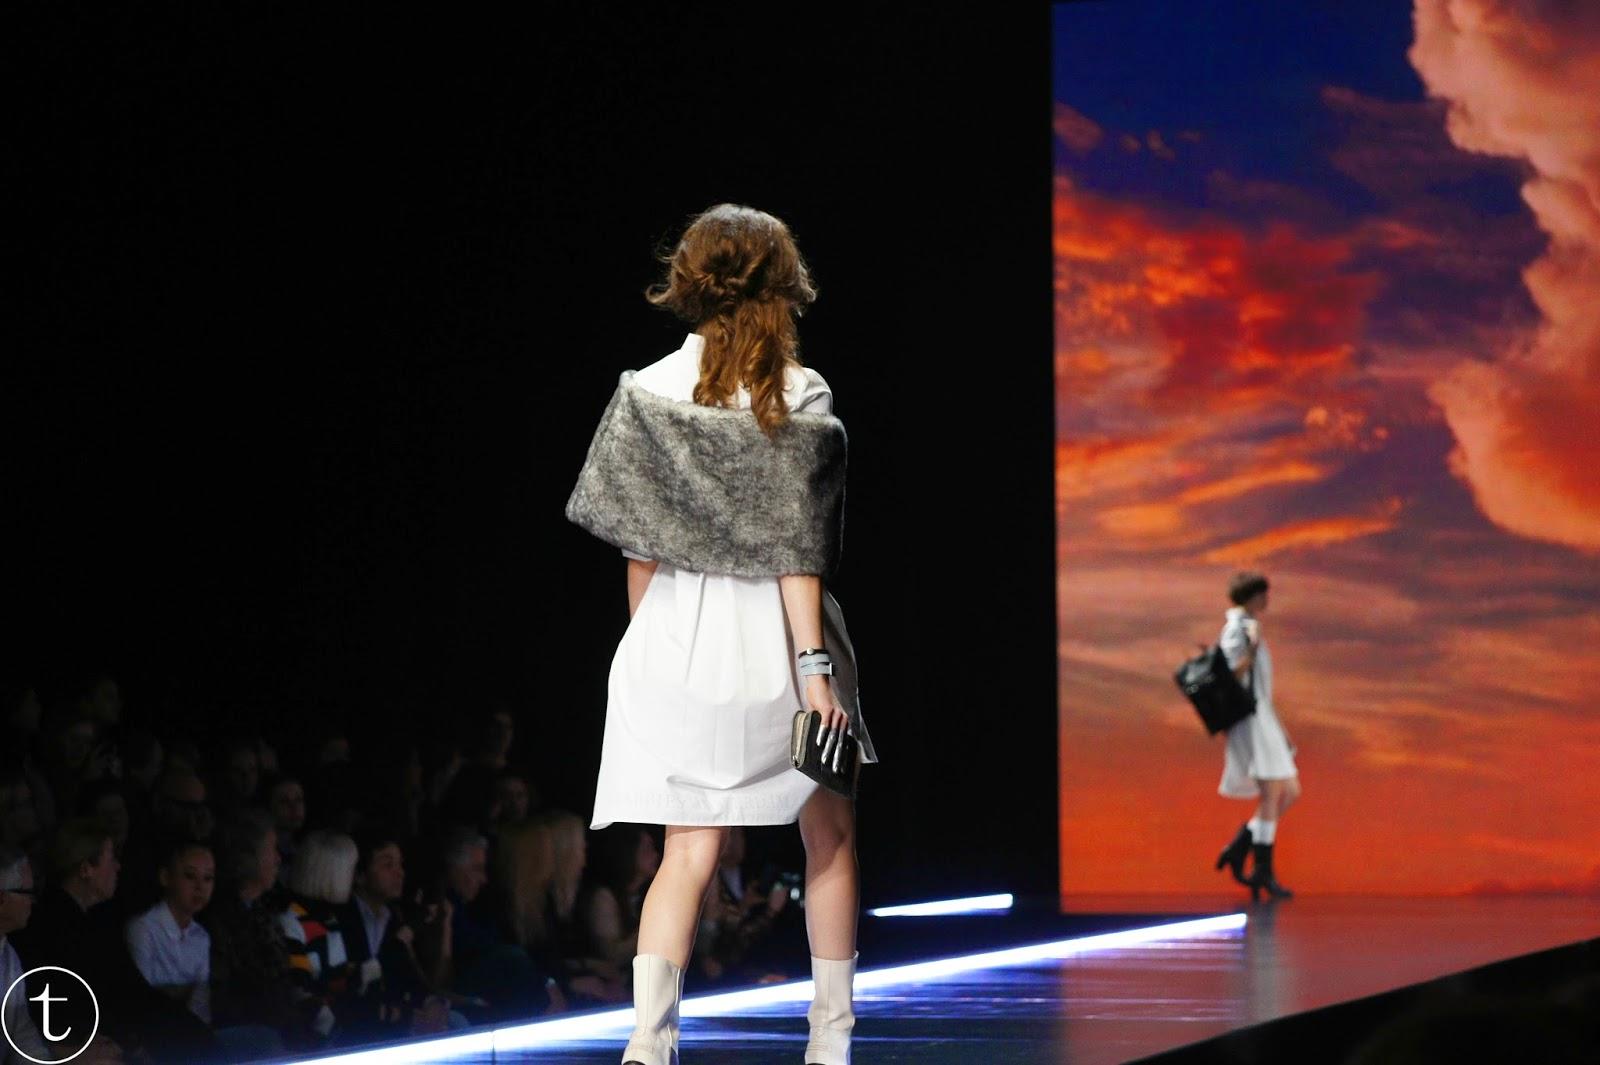 mercedes benz fashionw week amsterdam shabbies amsterdam